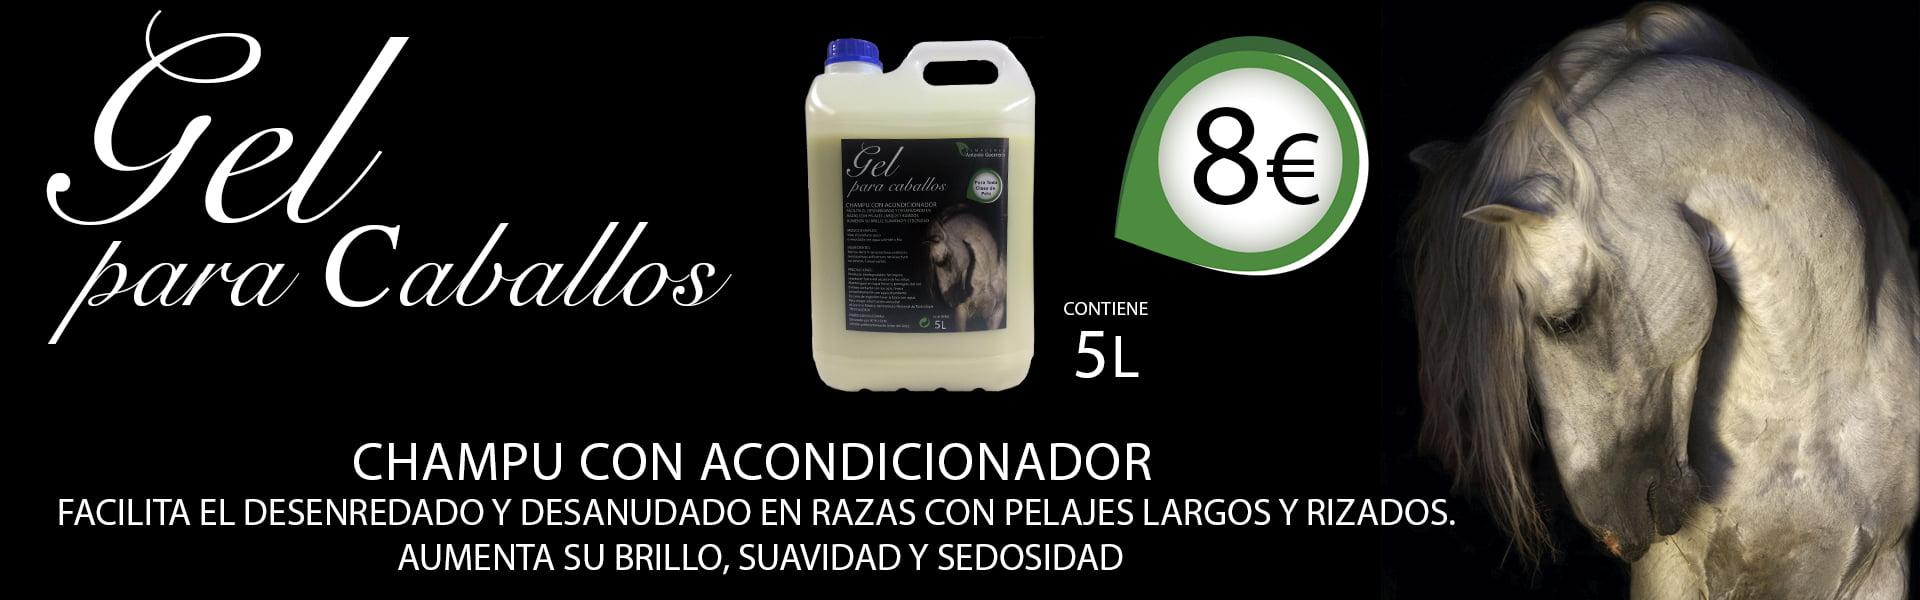 Gel-para-caballos-Almacenes-Antonio-Guerrero